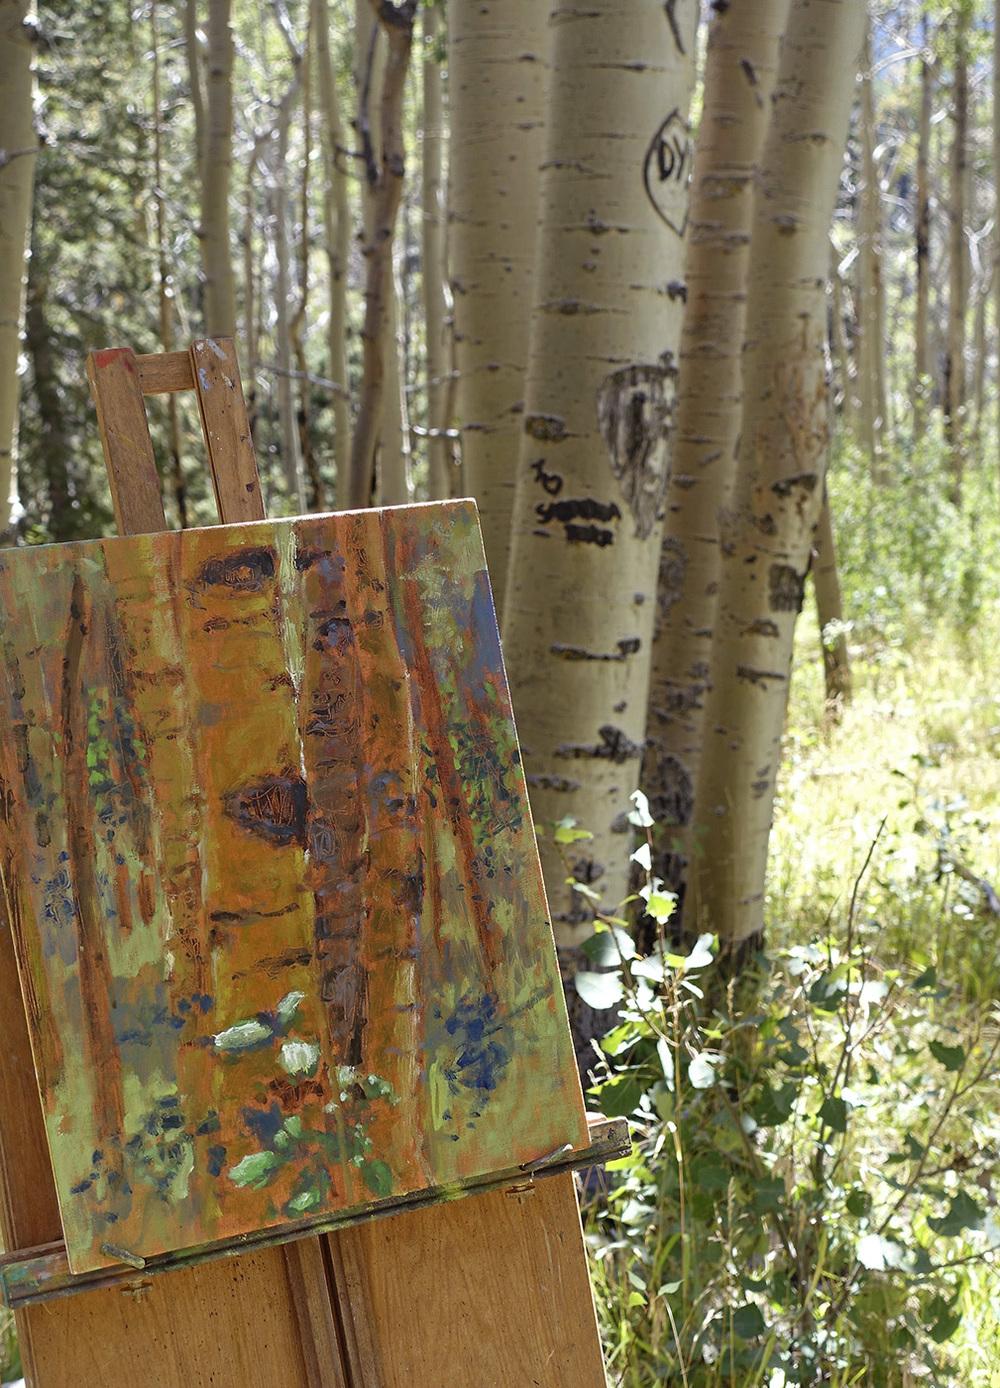 on the Norski trail in Santa Fe, NM